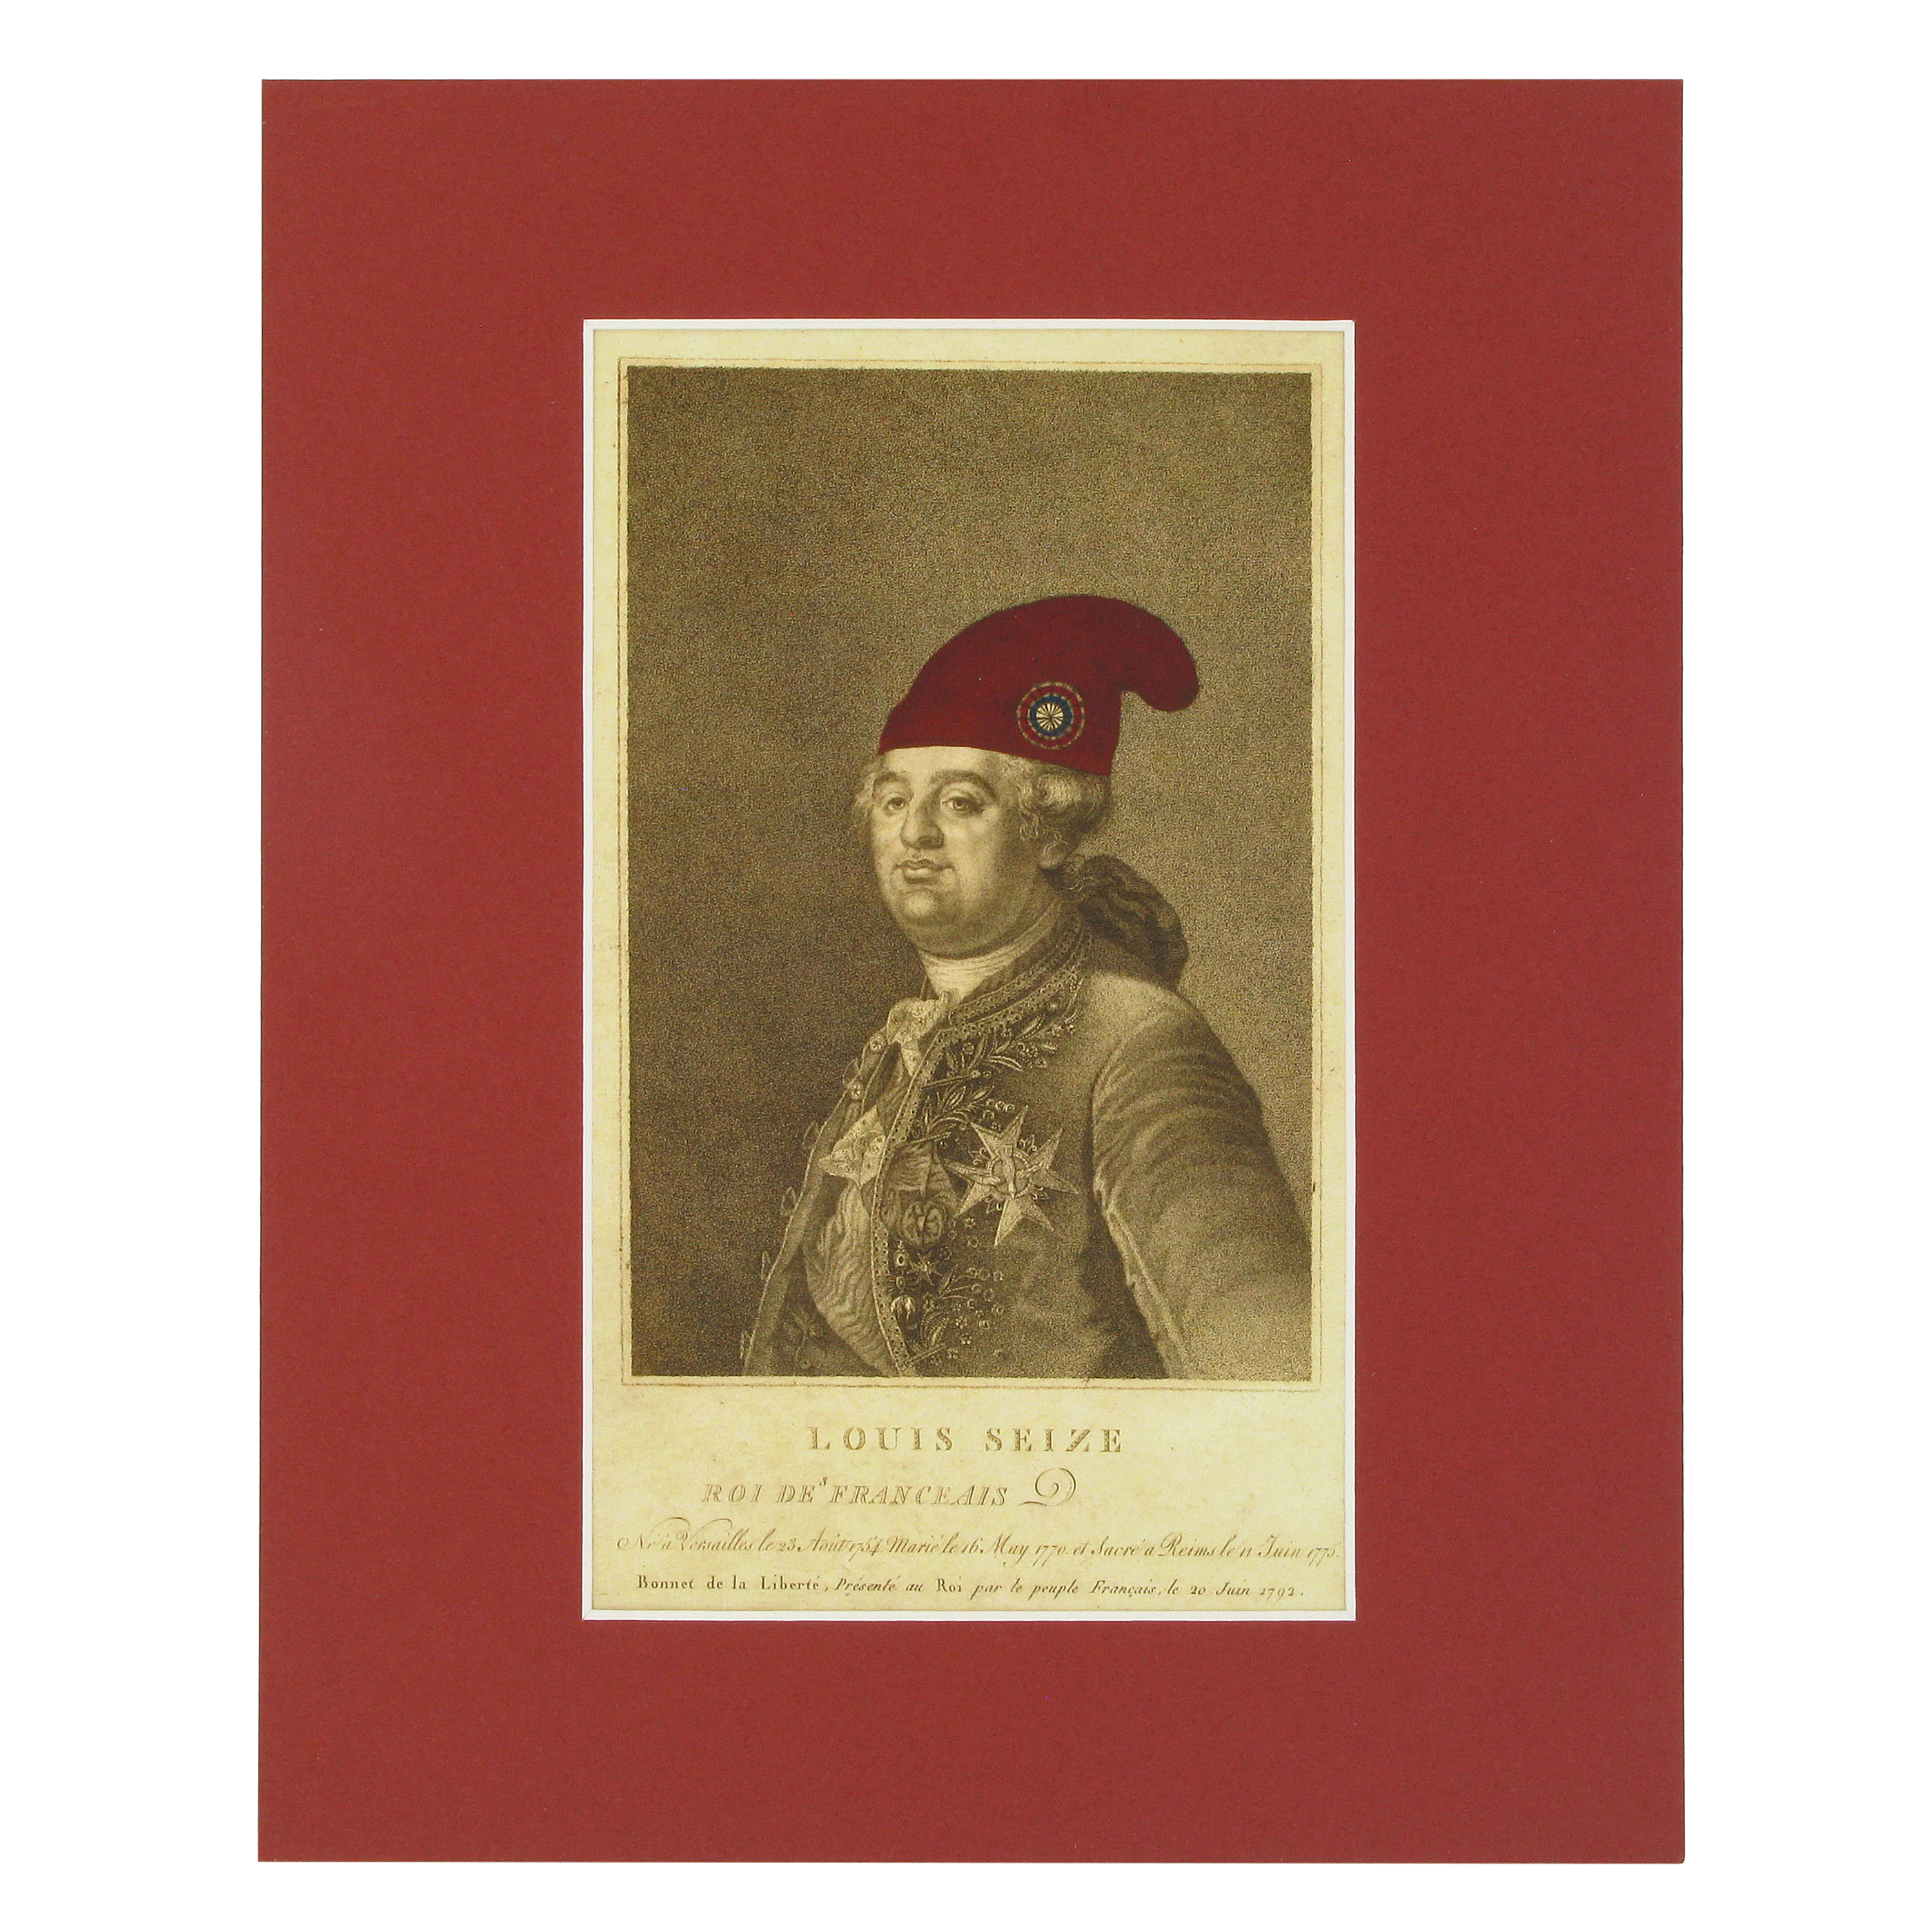 Louis Seize, Roi des Franceais print